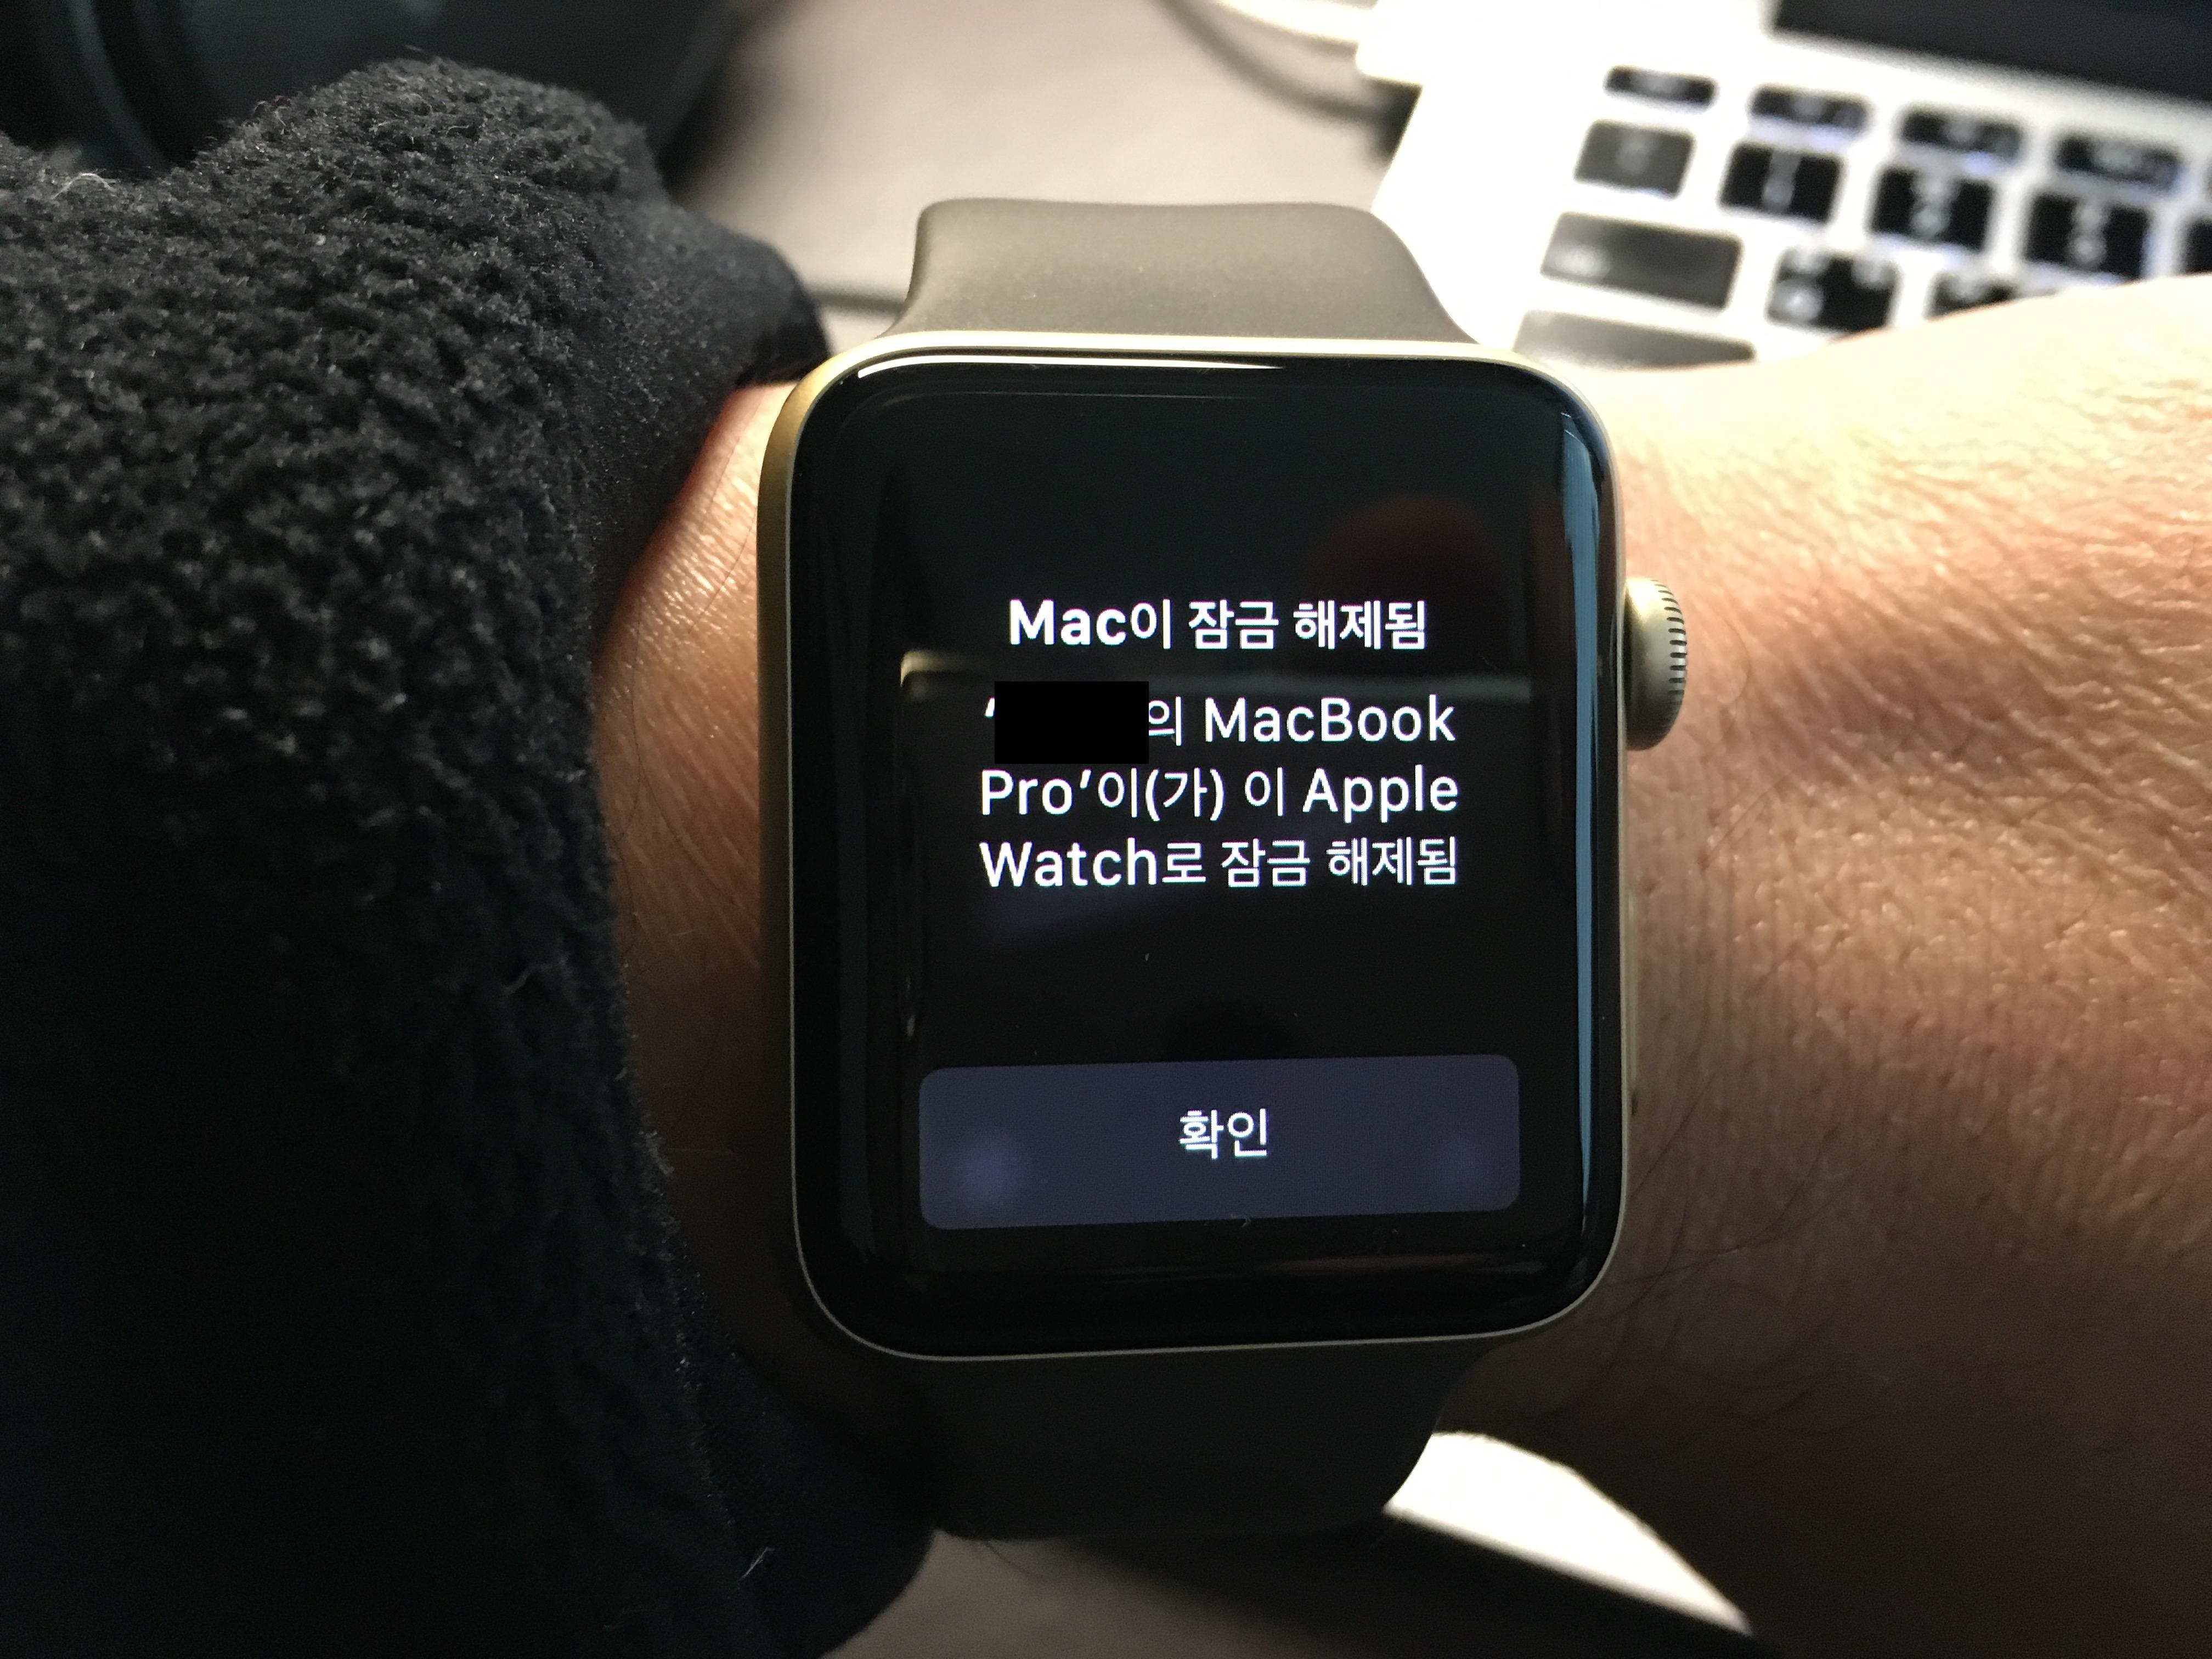 애플워치 이중인증 잠금해제